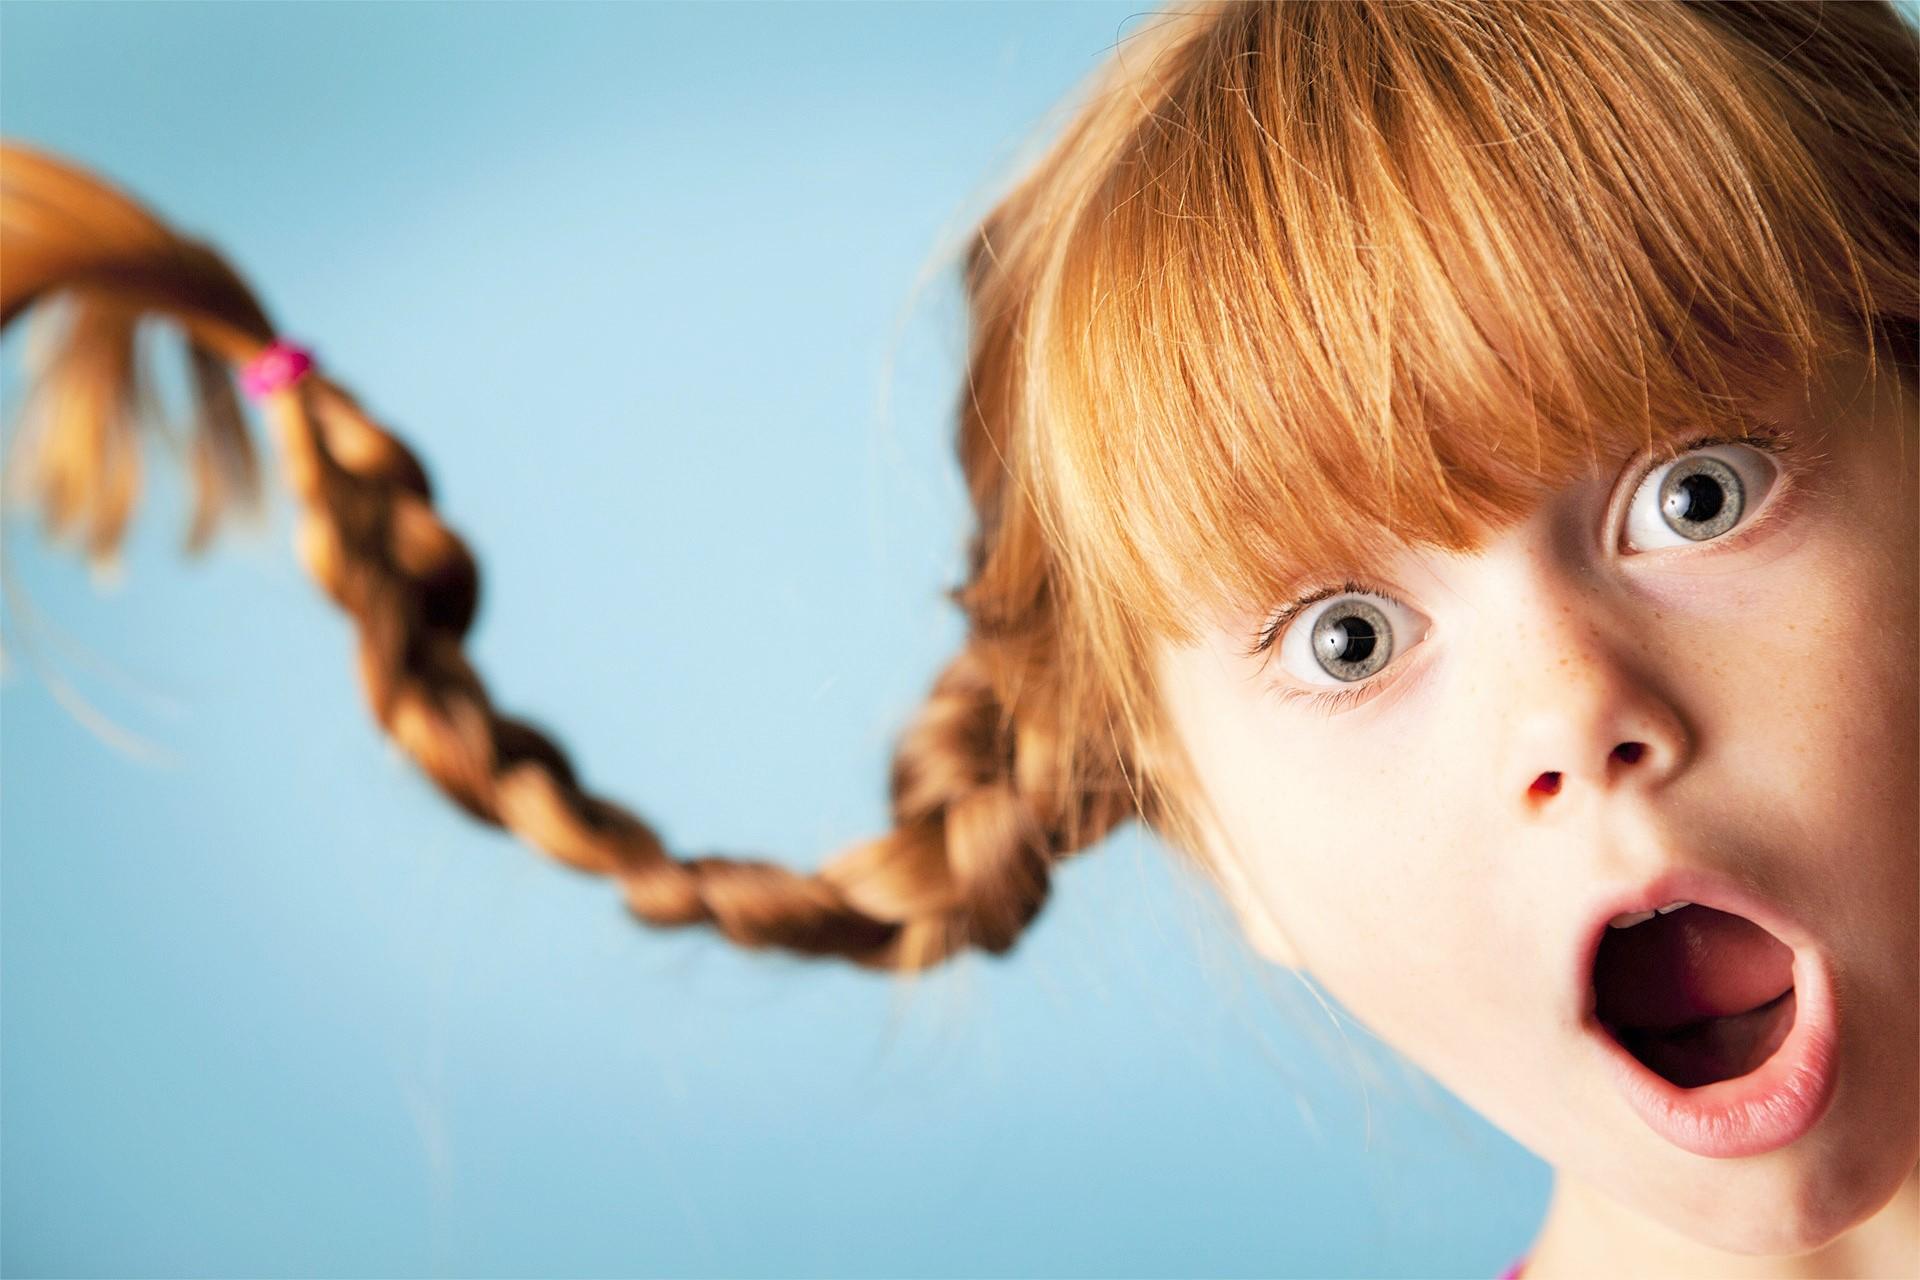 Грустно душе, прикольная картинка девочки с косичками